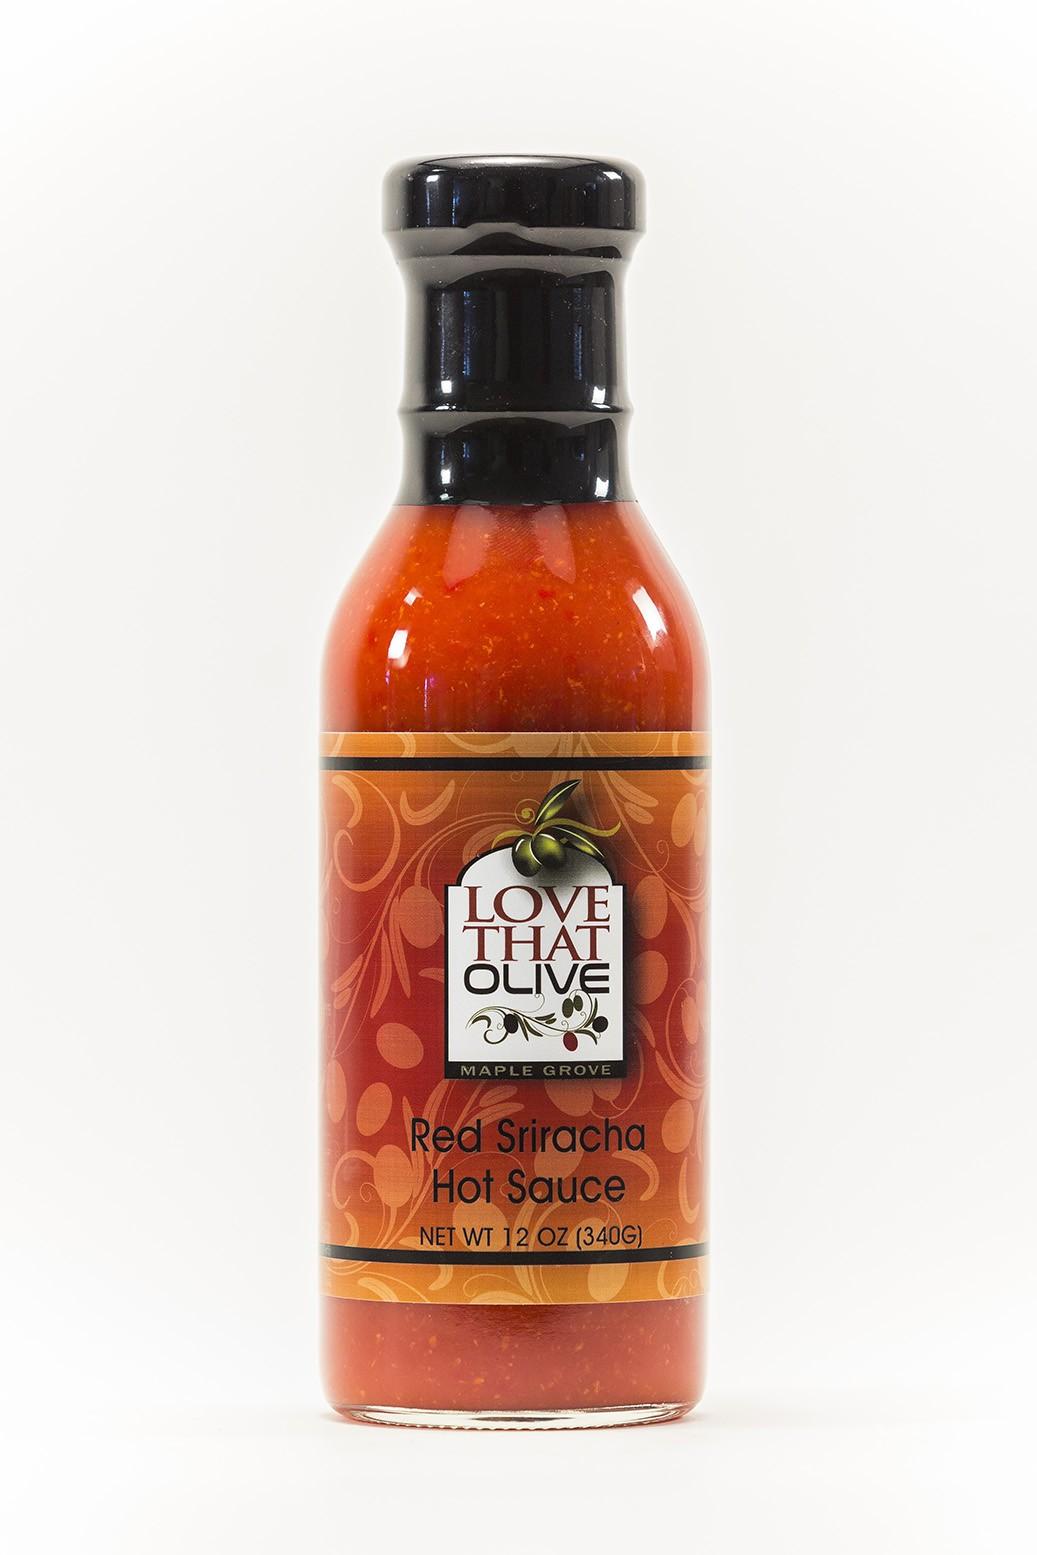 Red Sriracha Hot Sauce